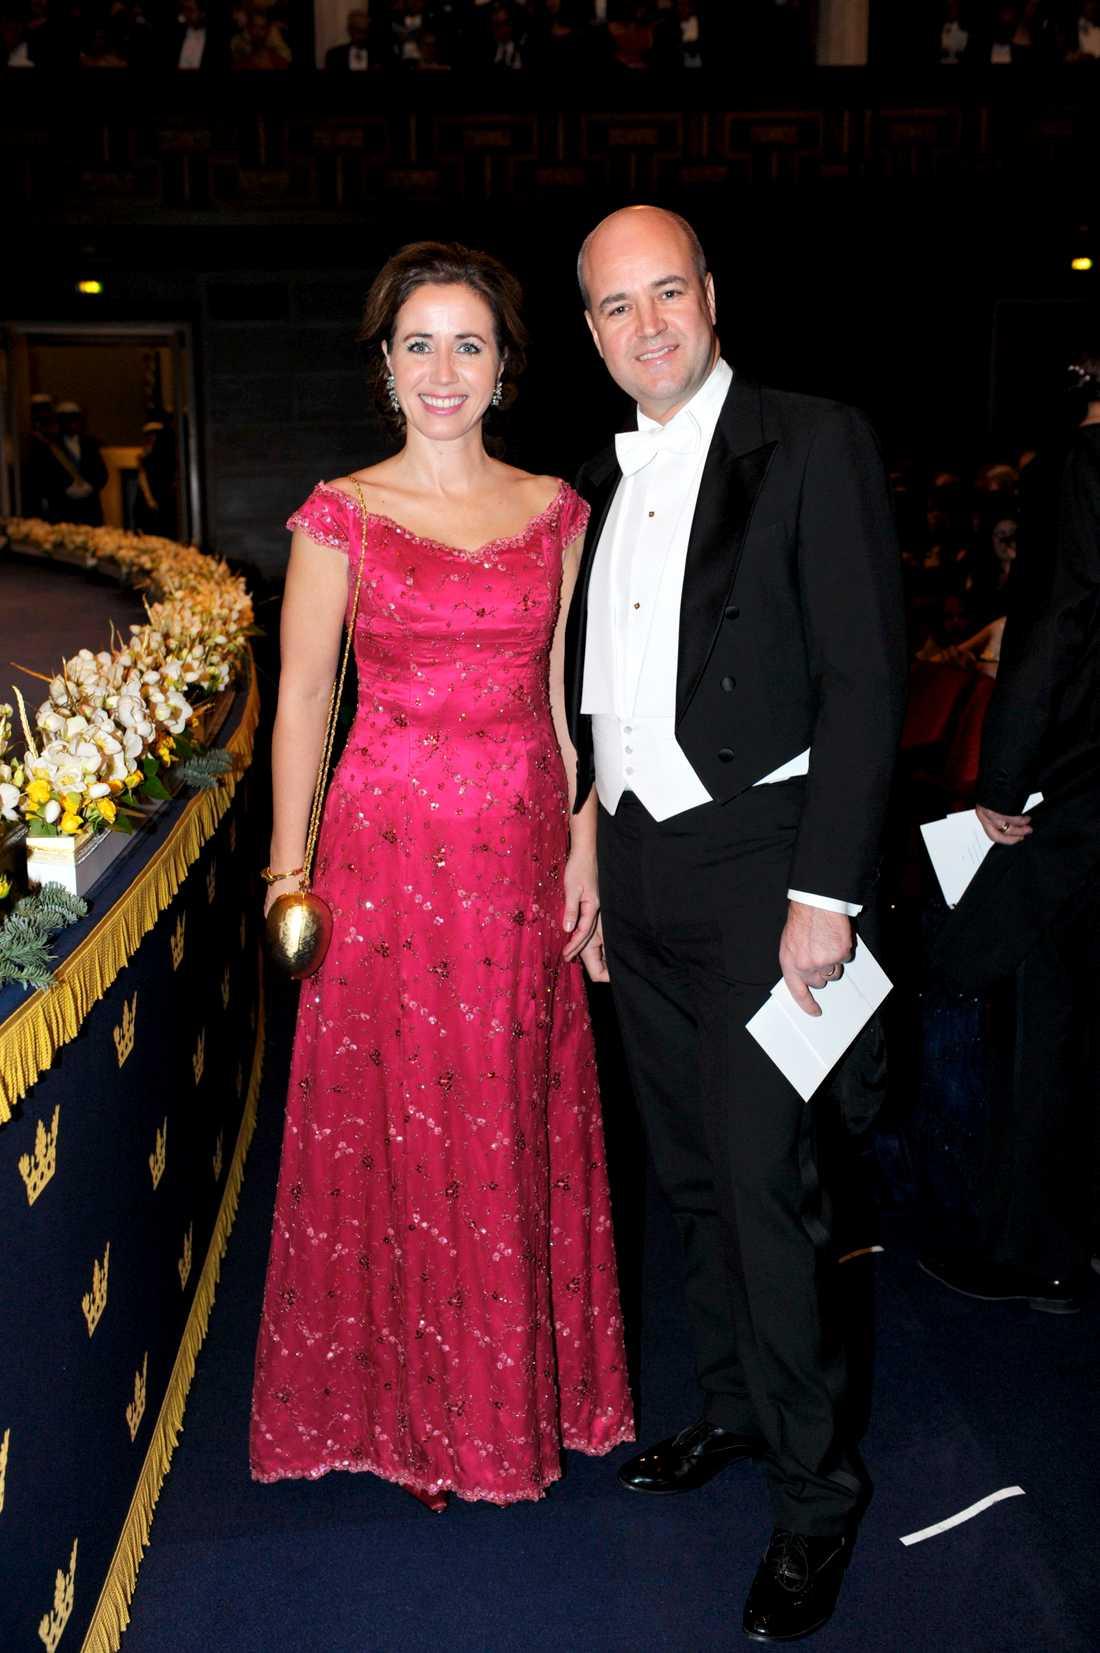 Filippa Reinfeldt återvinner, som hon berättade tidigare i veckan, sin klänning från Nobel 2008. Helt ok tycker jag, varför köpa nytt om man har en favorit? Är inte så förtjust i mönstret men hallonRÖTT klär henne även om just den färgen kanske inte är så poppis i det Reinfeldska hemmet alltid.